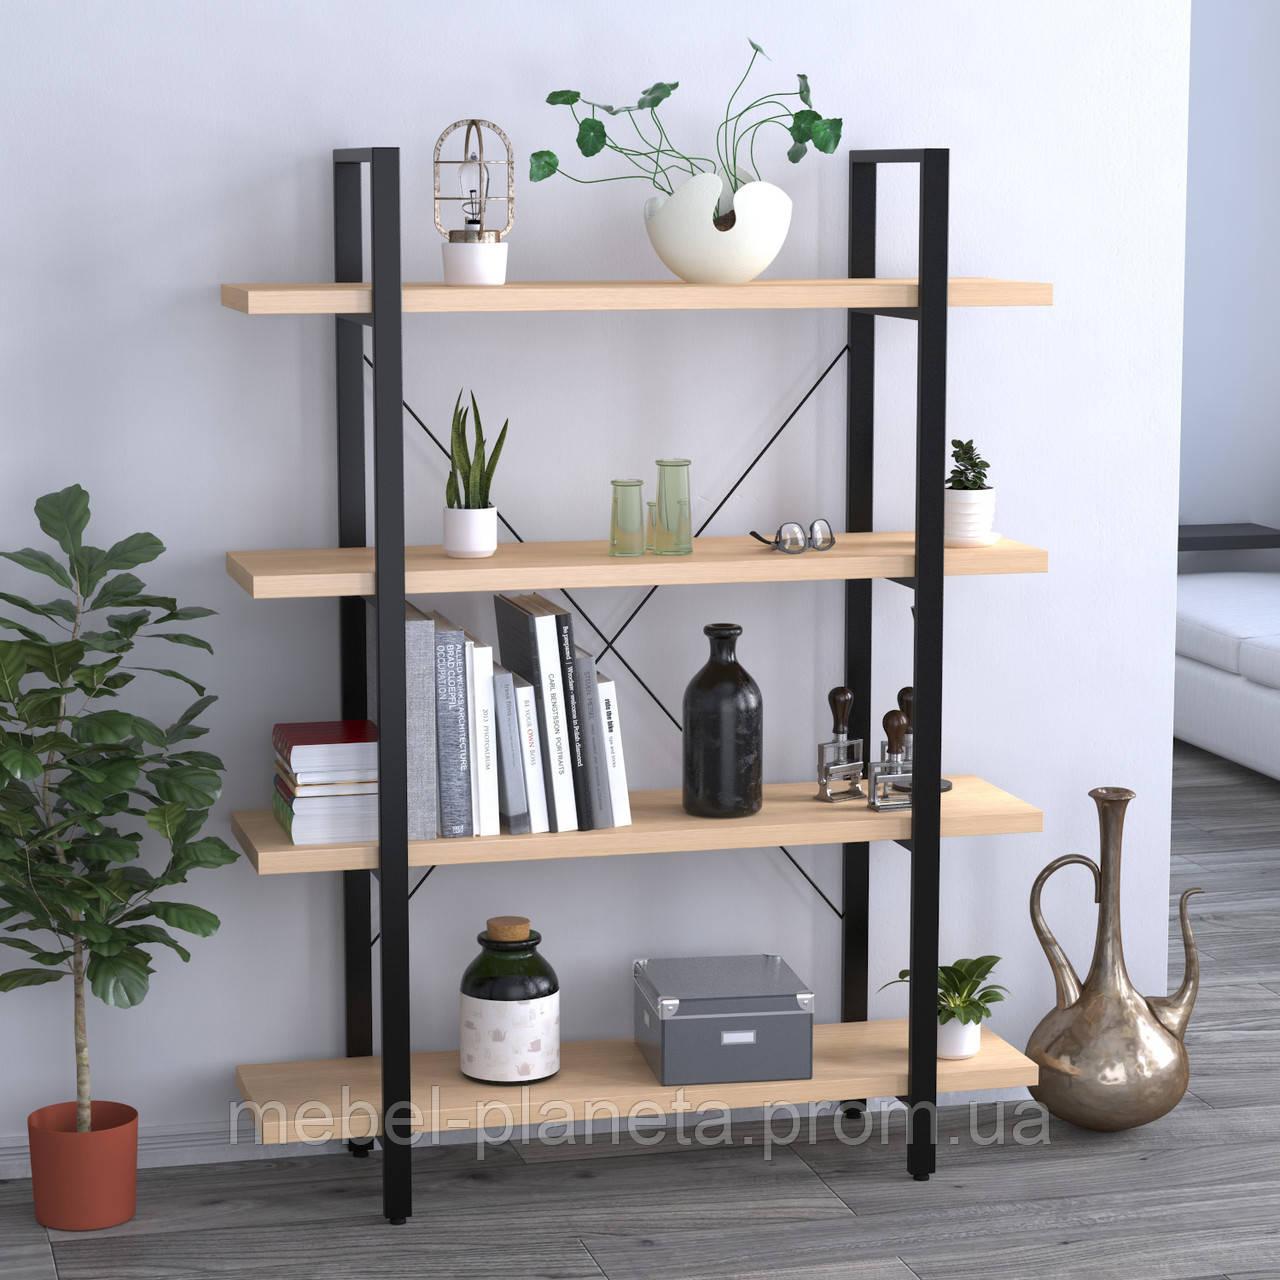 Стеллаж для книг офисный Сингл-4 Loft Design